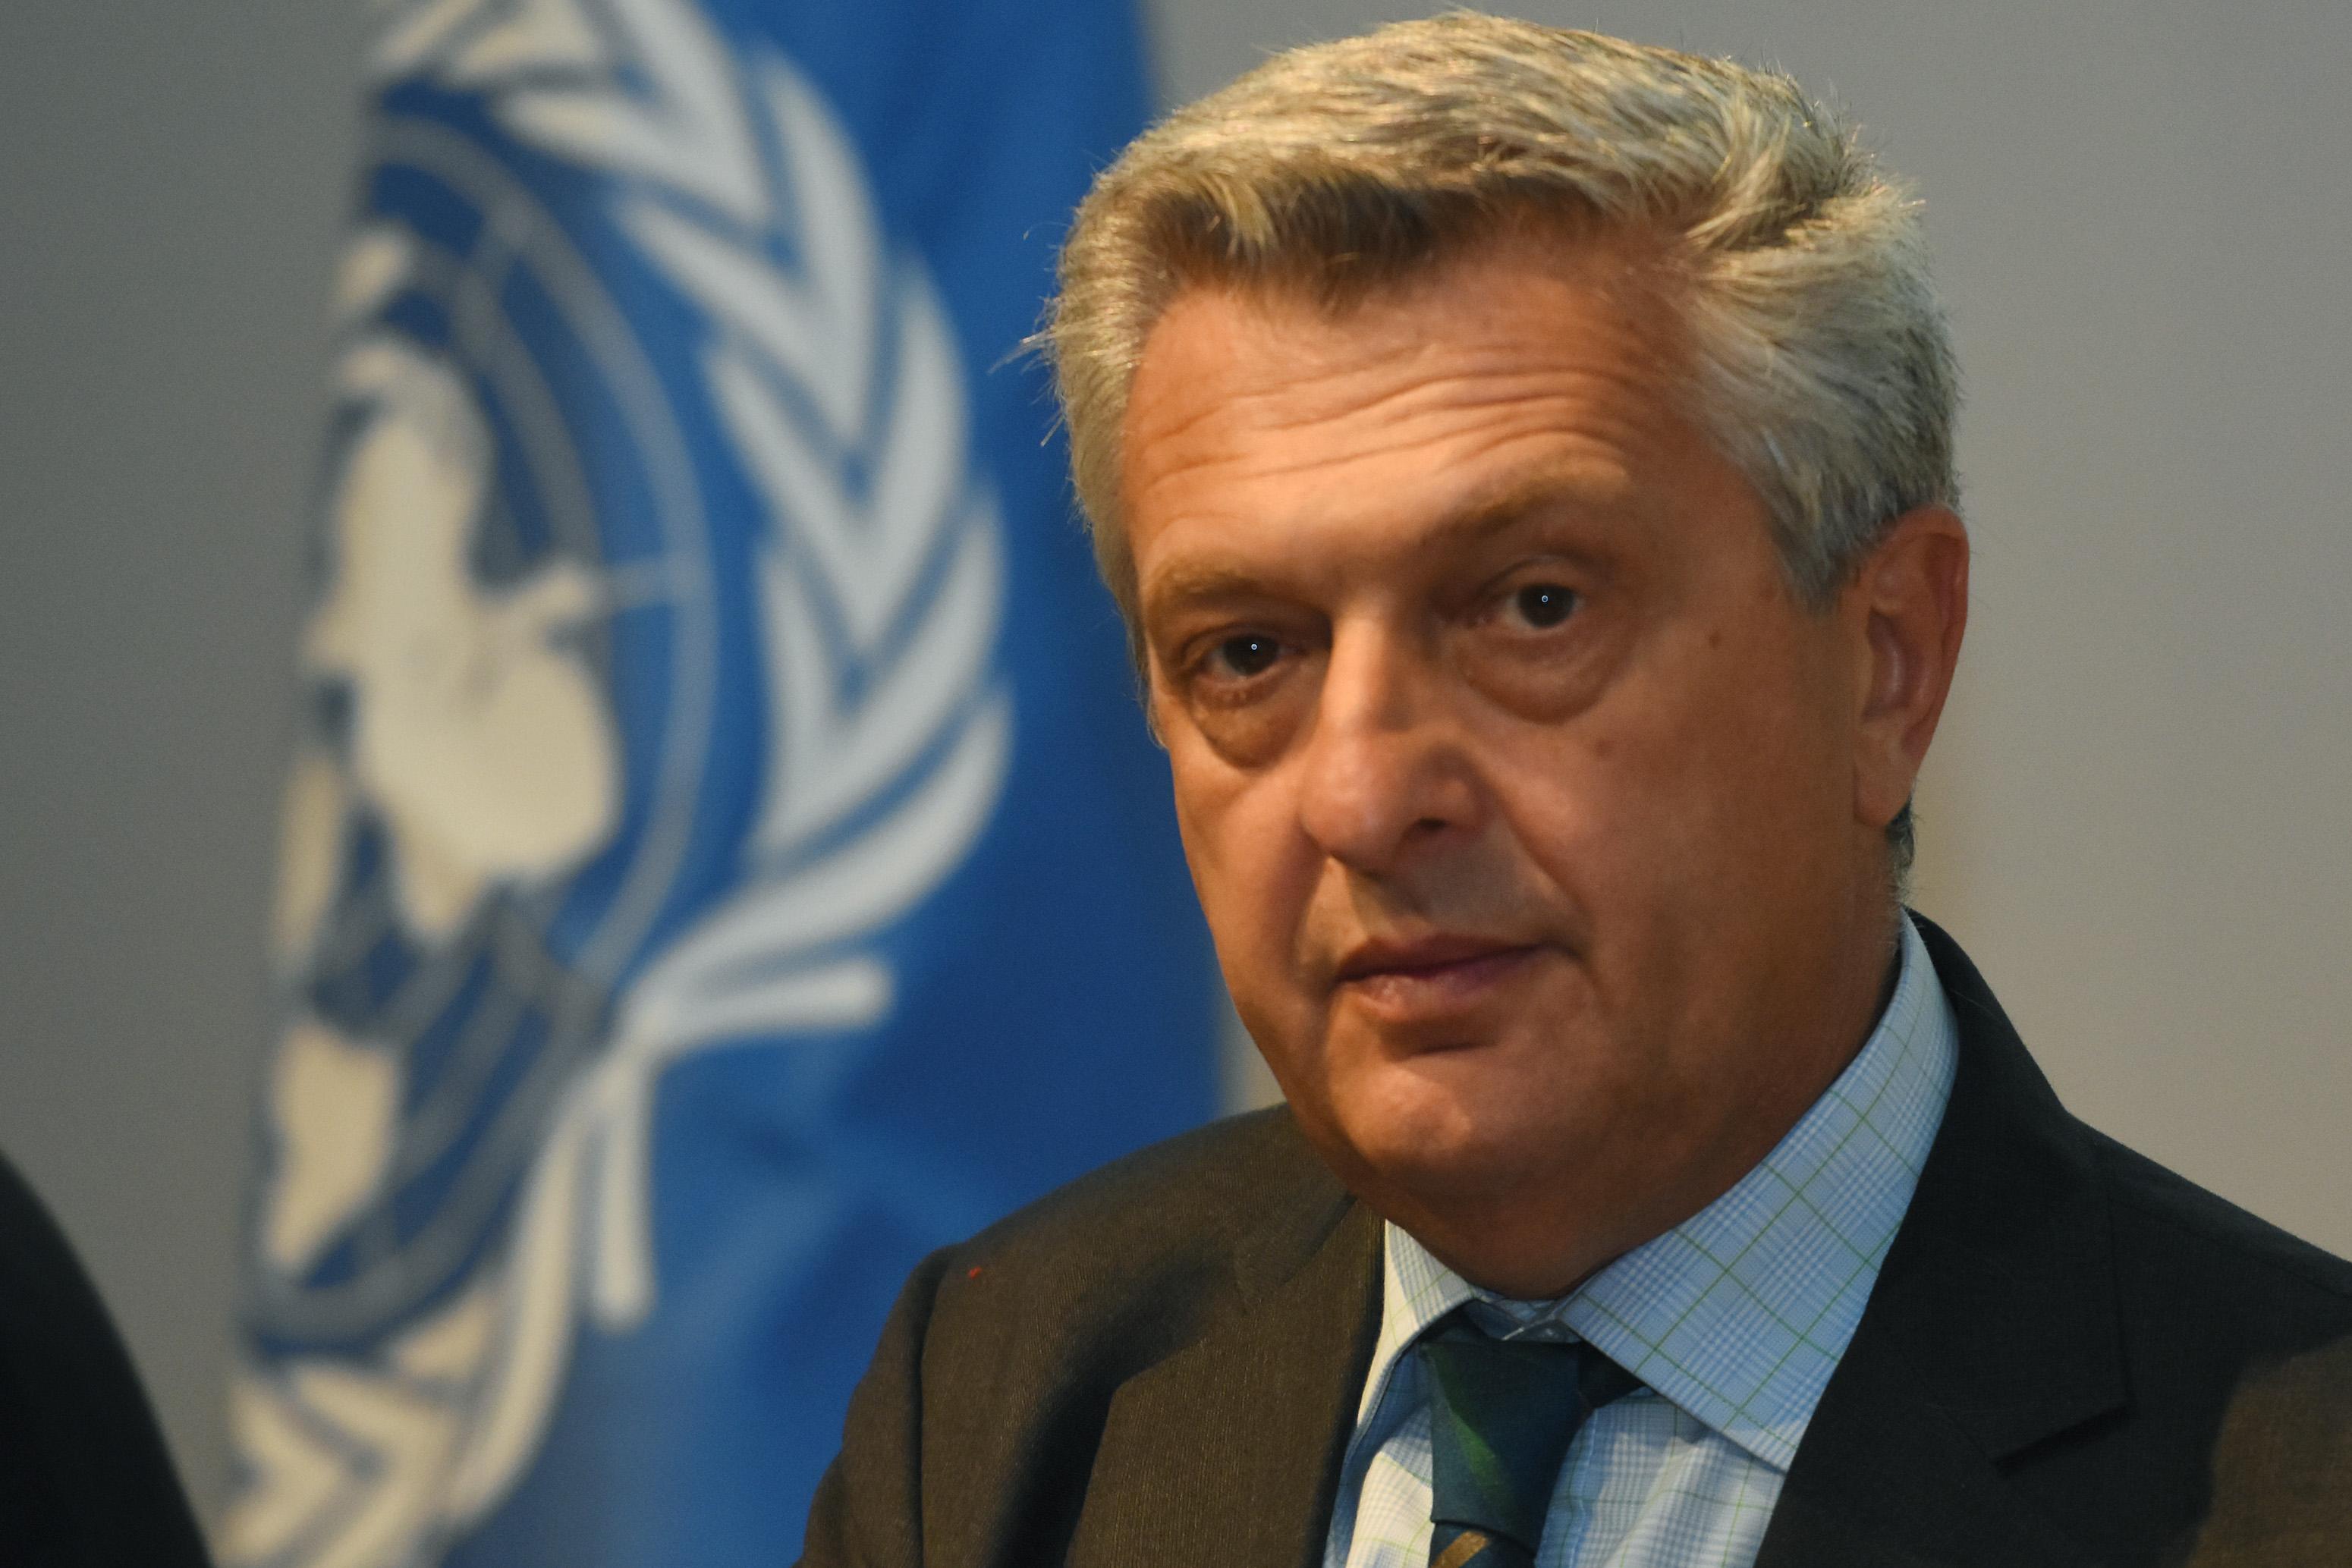 Az ENSZ menekültügyi főbiztosa szerint Magyarország jogtalanul tartja fogva a menedékkérőket